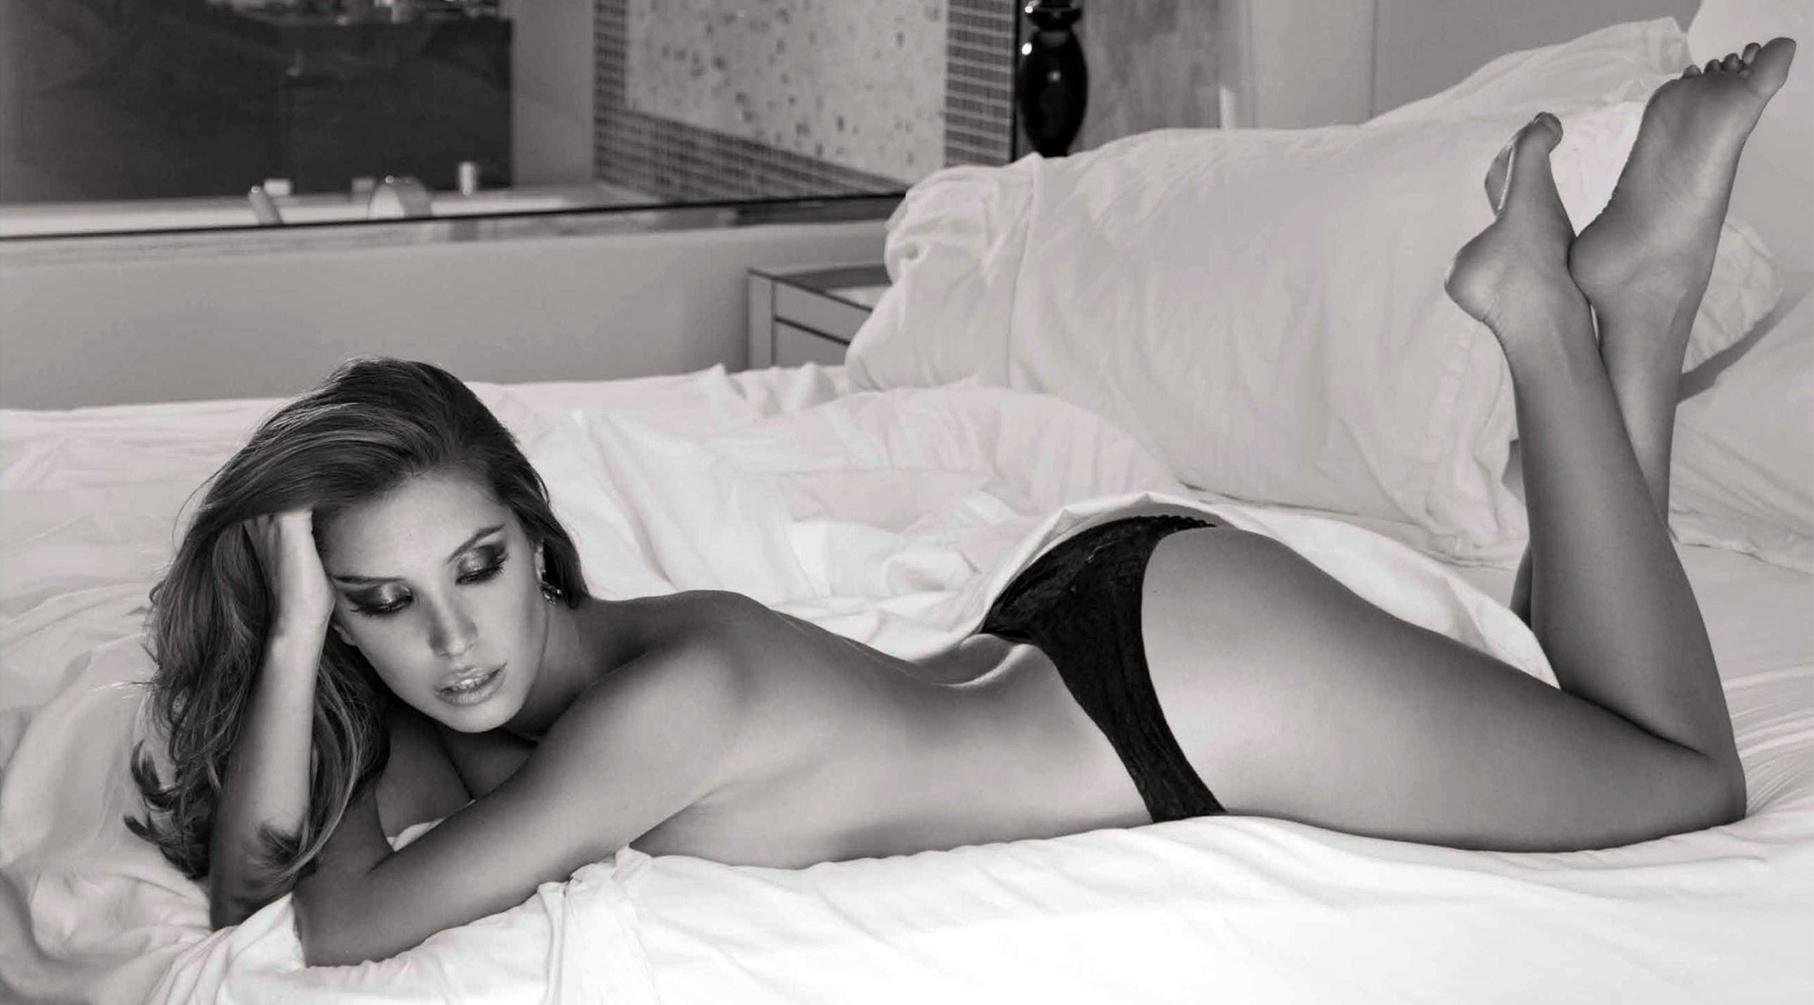 Andrea Escalona Desnuda andrea escalona es usada en el 'mercado' del porno – primera